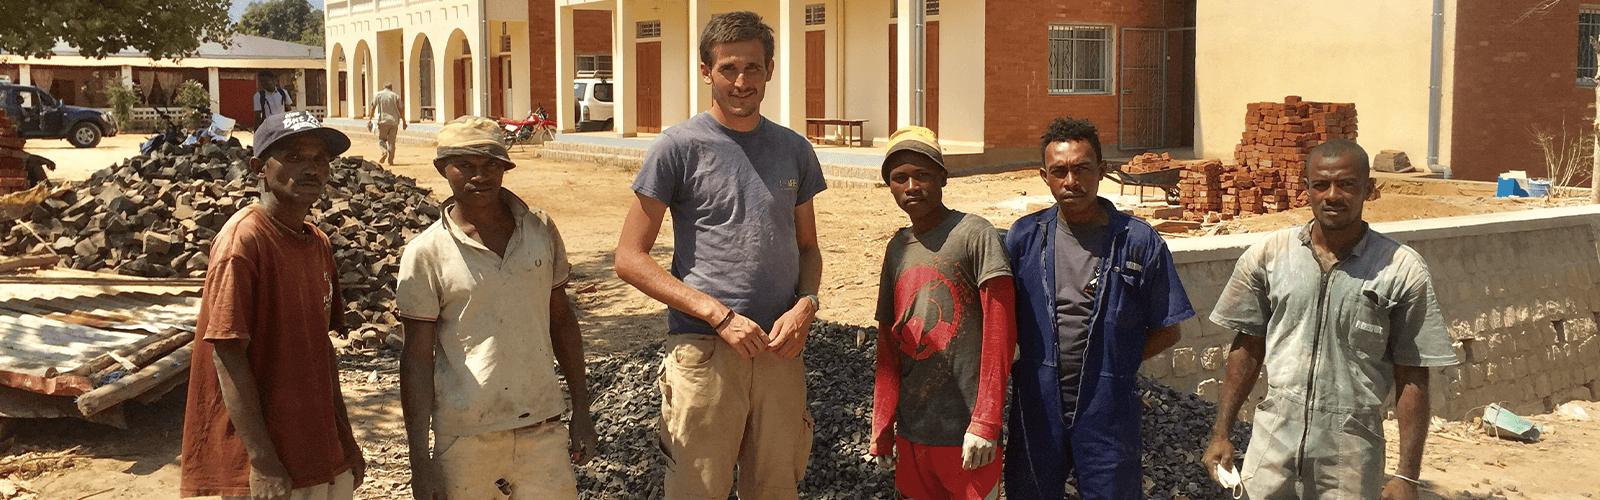 Les Batisseurs D Ici madagascar, des bâtisseurs d'espoir - emission rcf